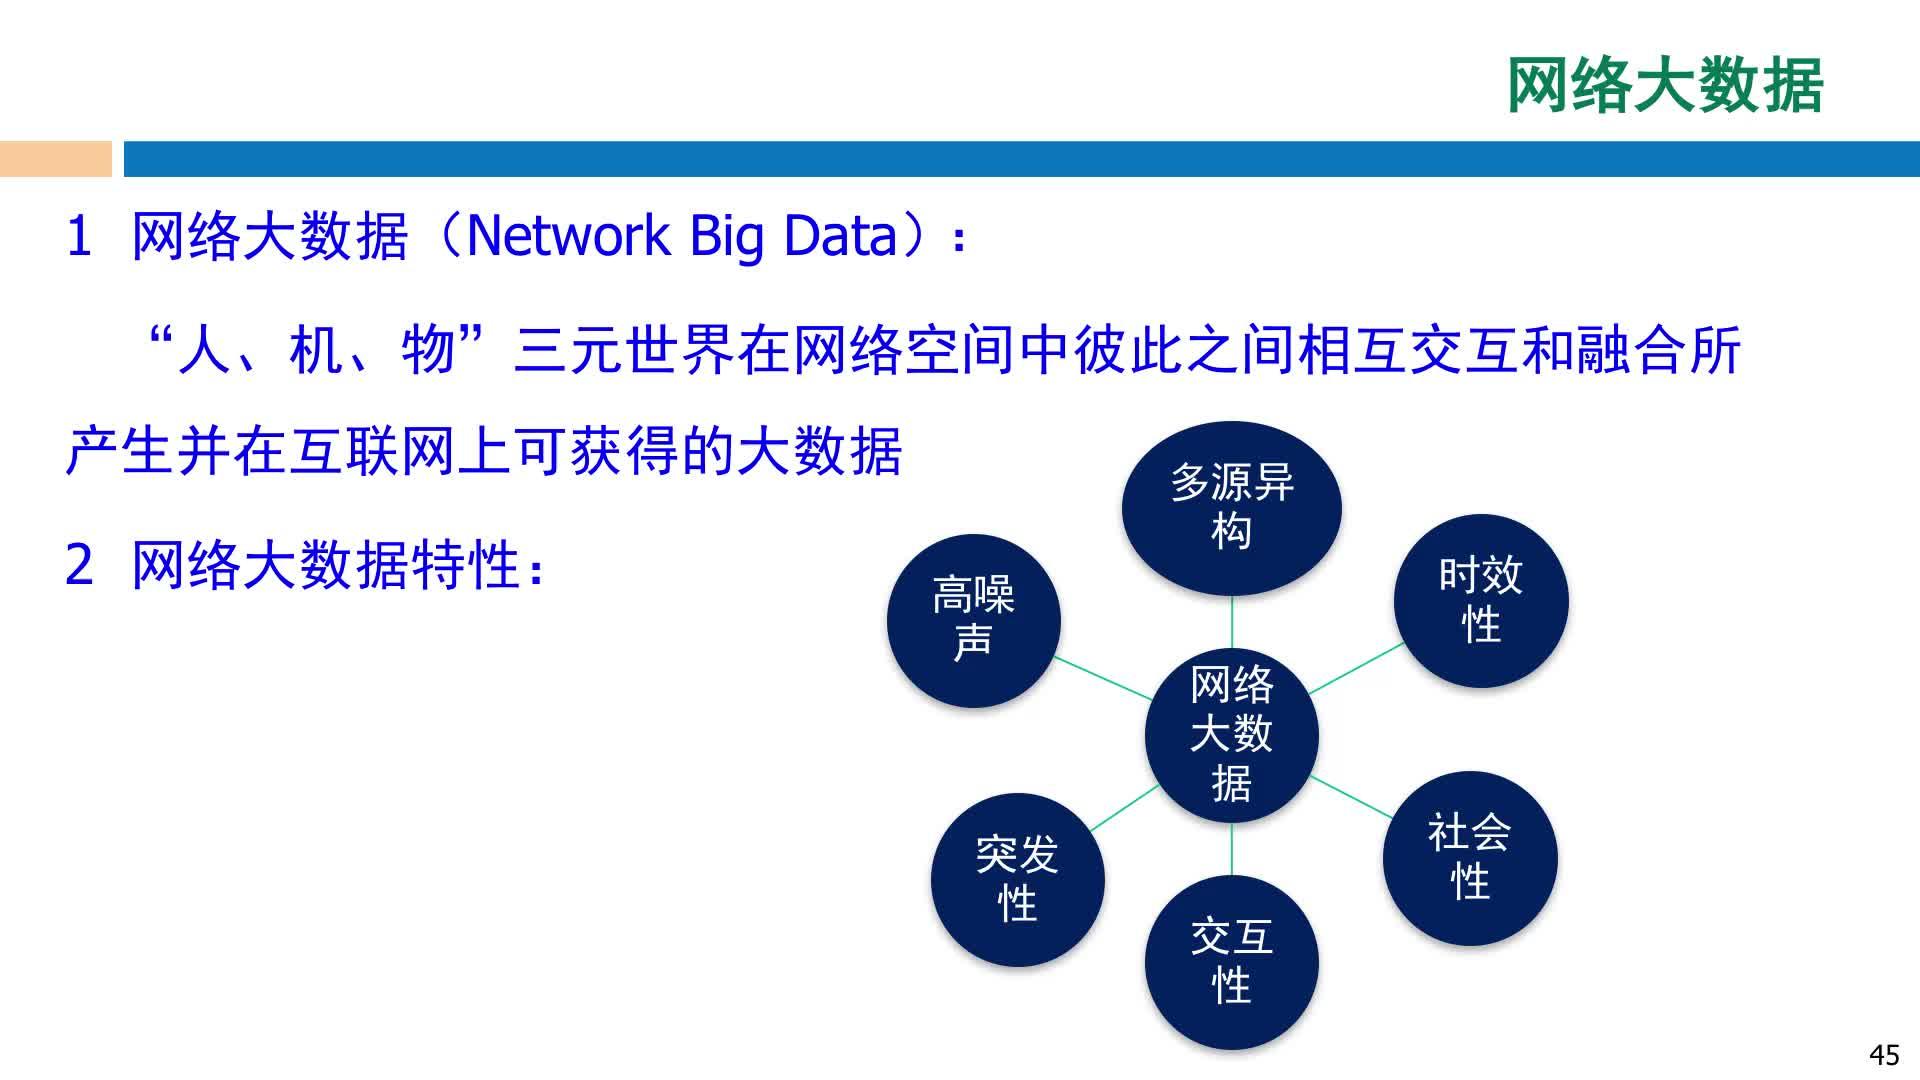 北京理工大学慕课——车海莺:外部数据及获取方法(一)